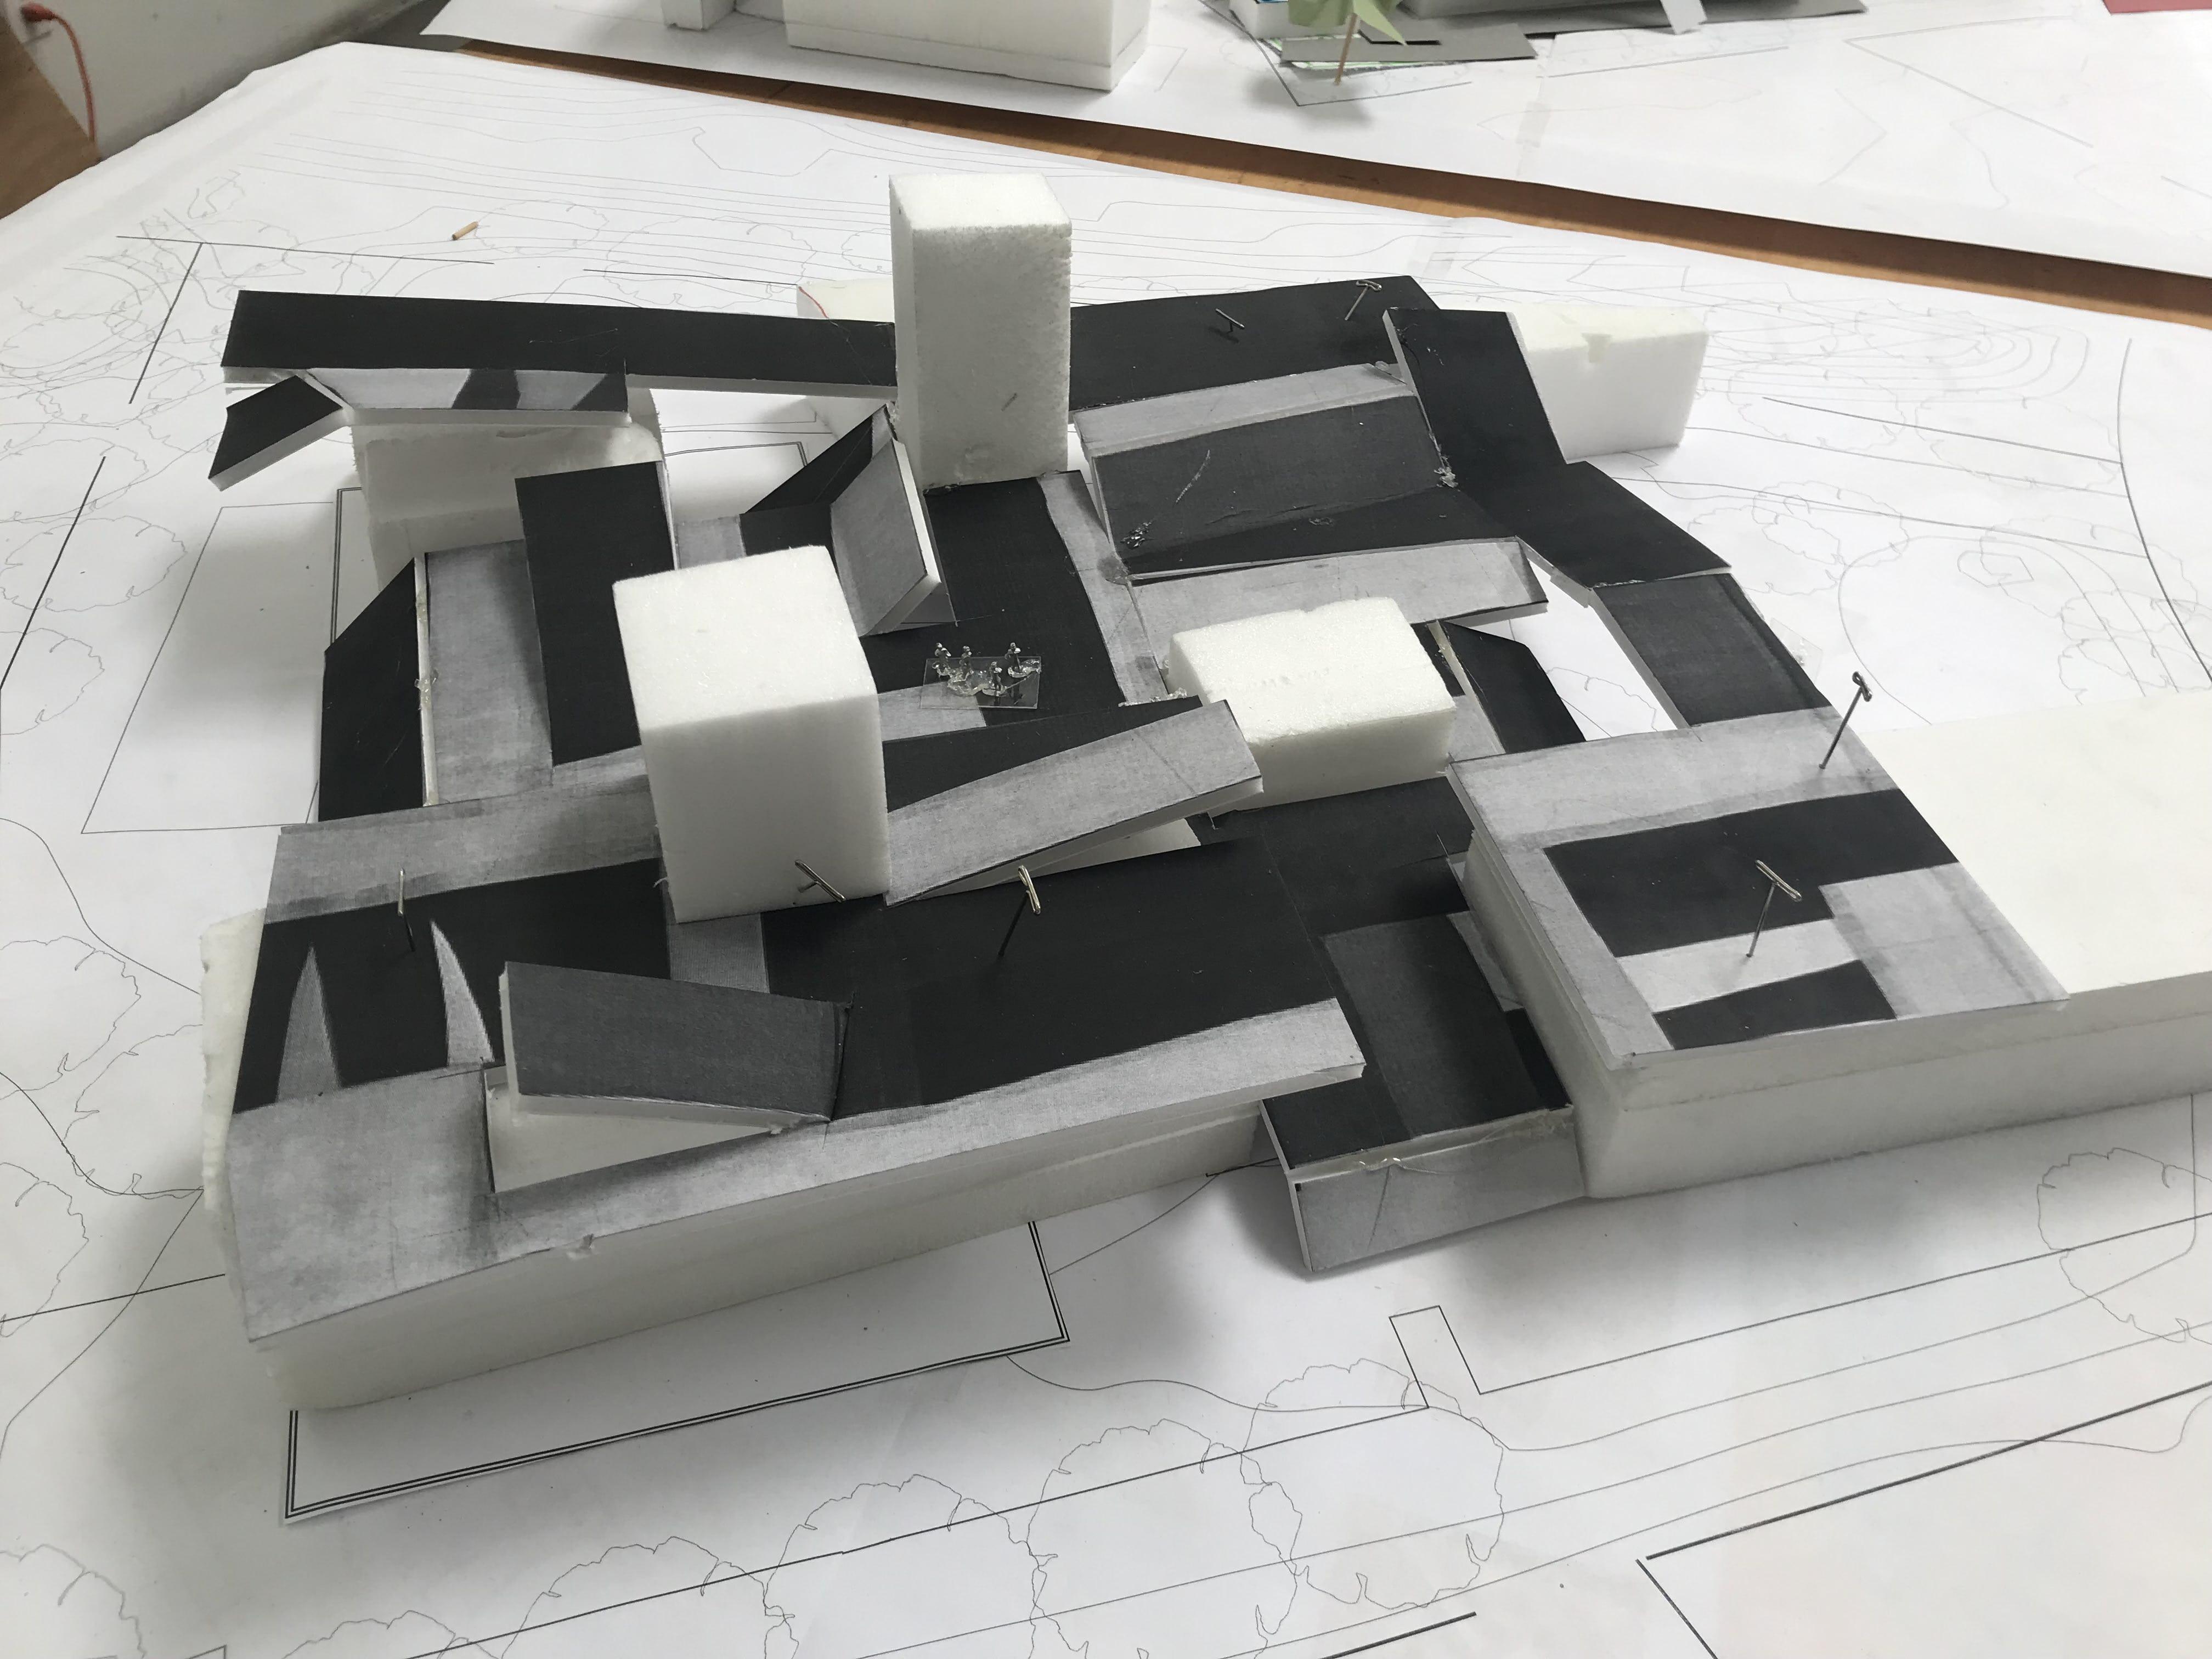 Concept model 1 b